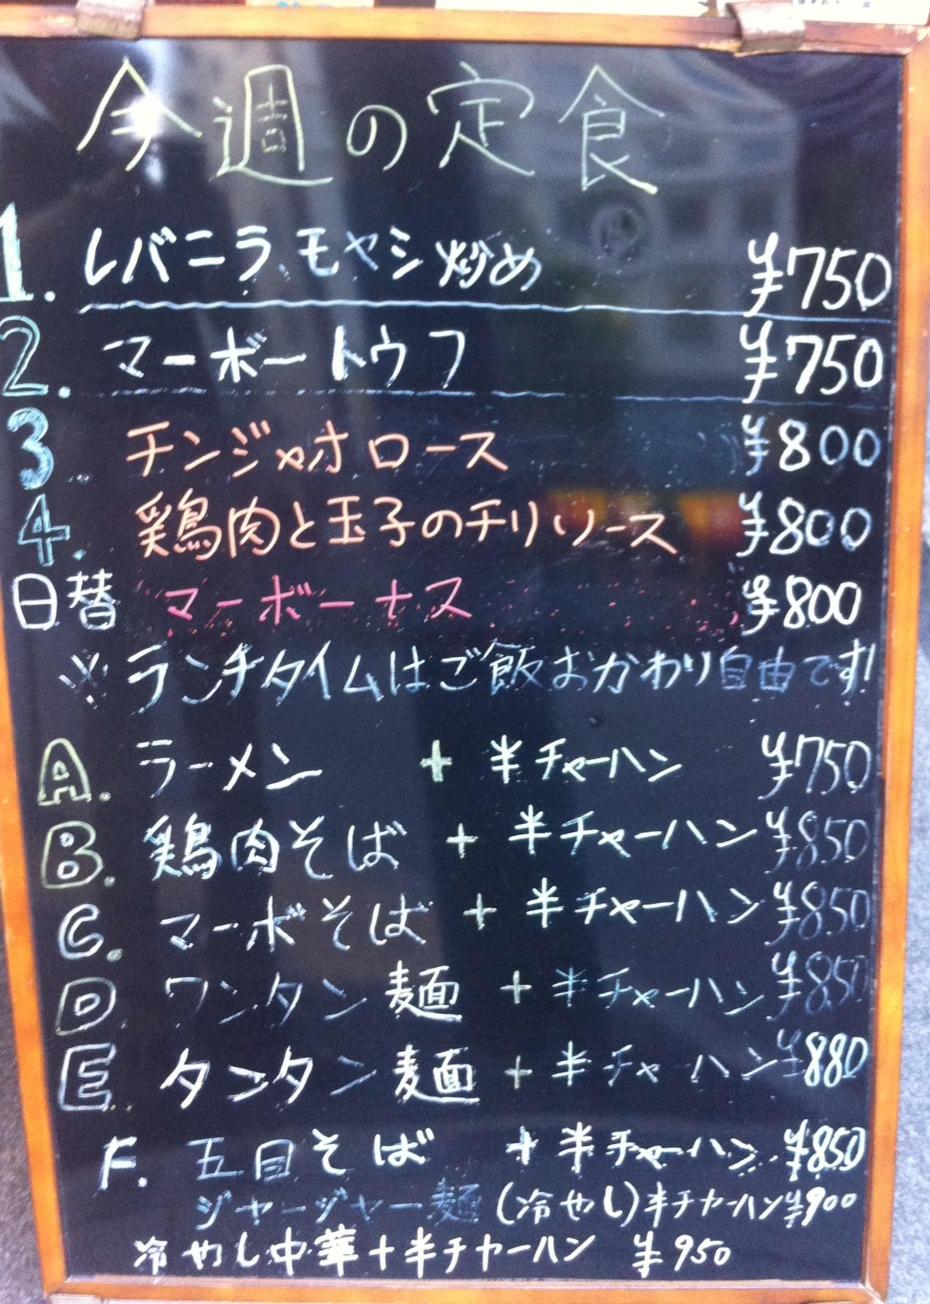 http://blogs.bizmakoto.jp/kei_1/kanban.jpg